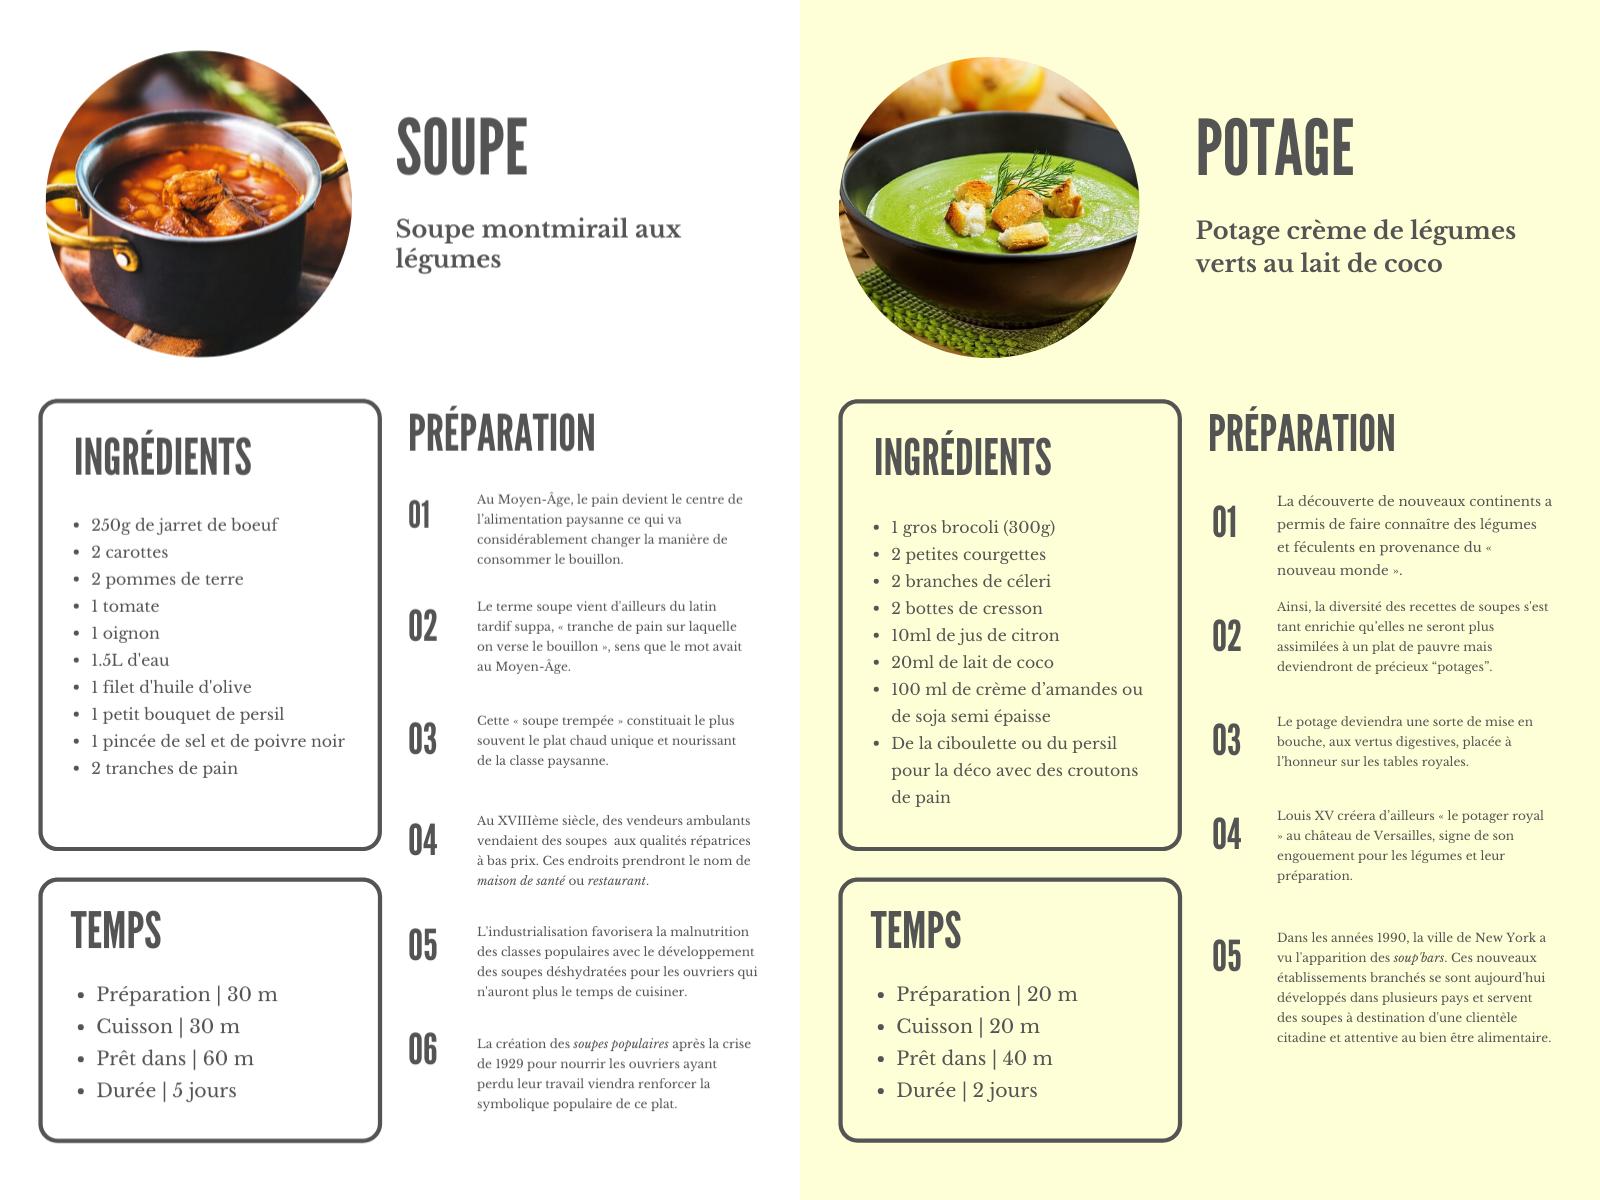 Graphique sur la soupe et le potage, réflexion sur les imaginaires